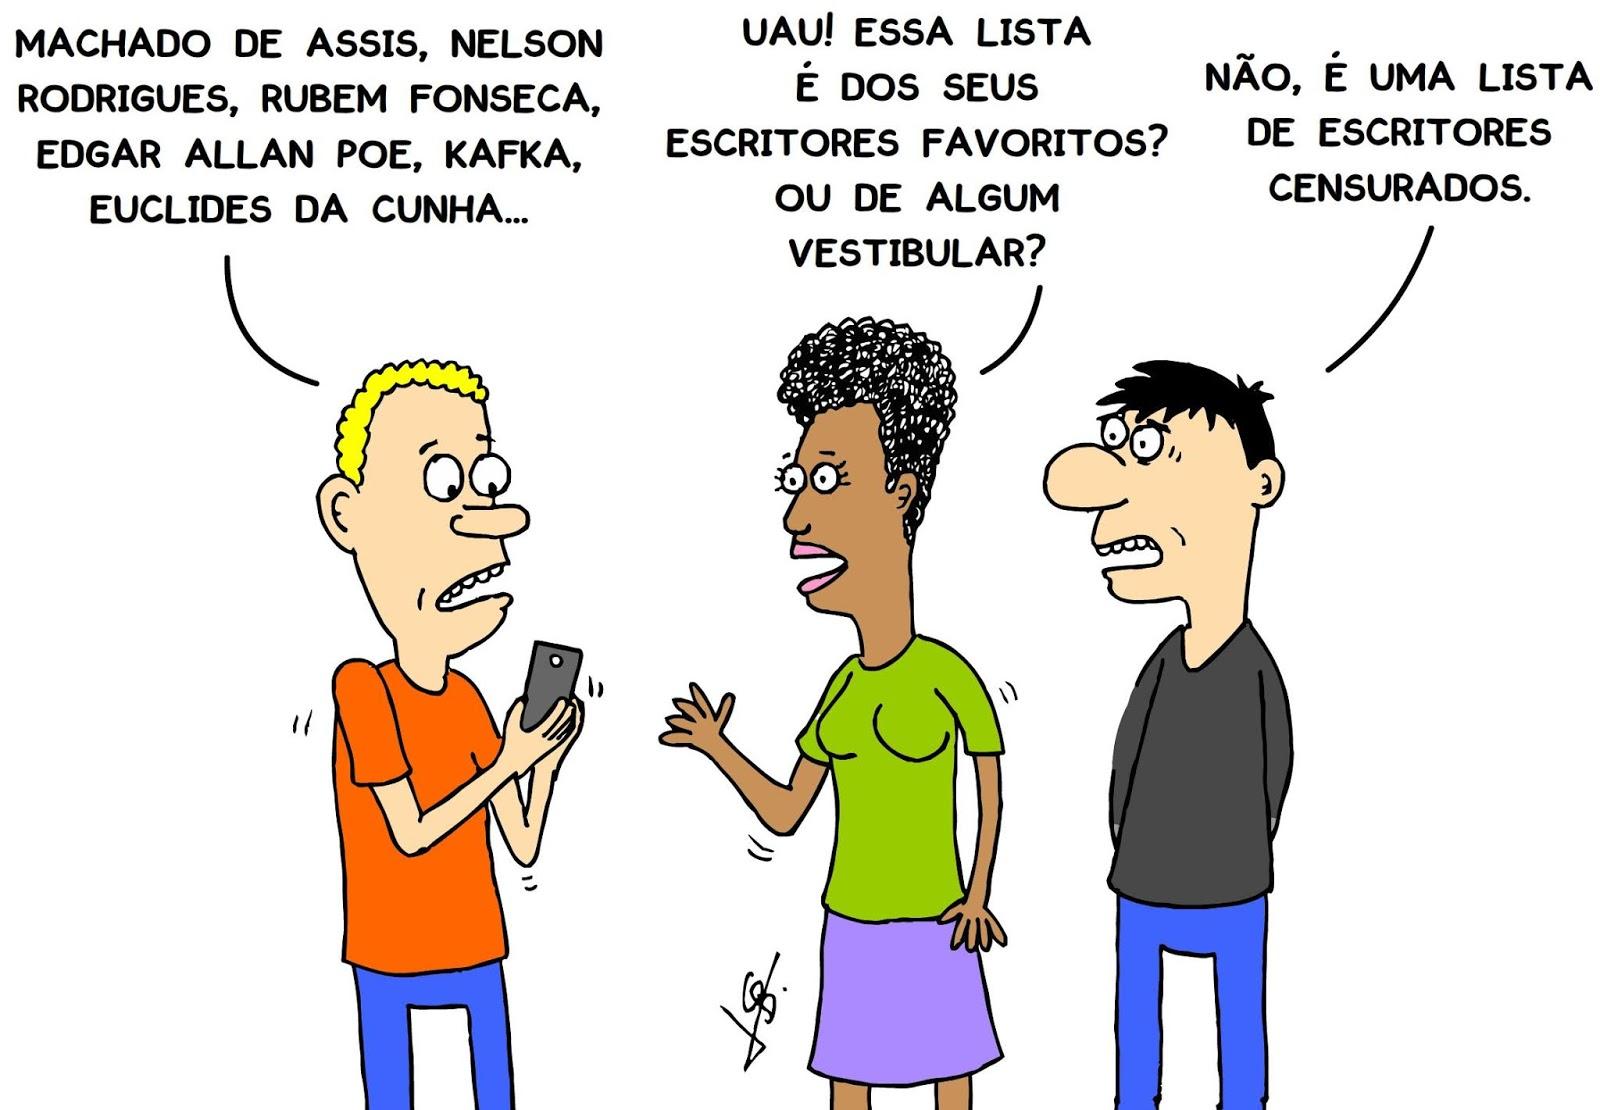 Censores nunca leram Machado de Assis